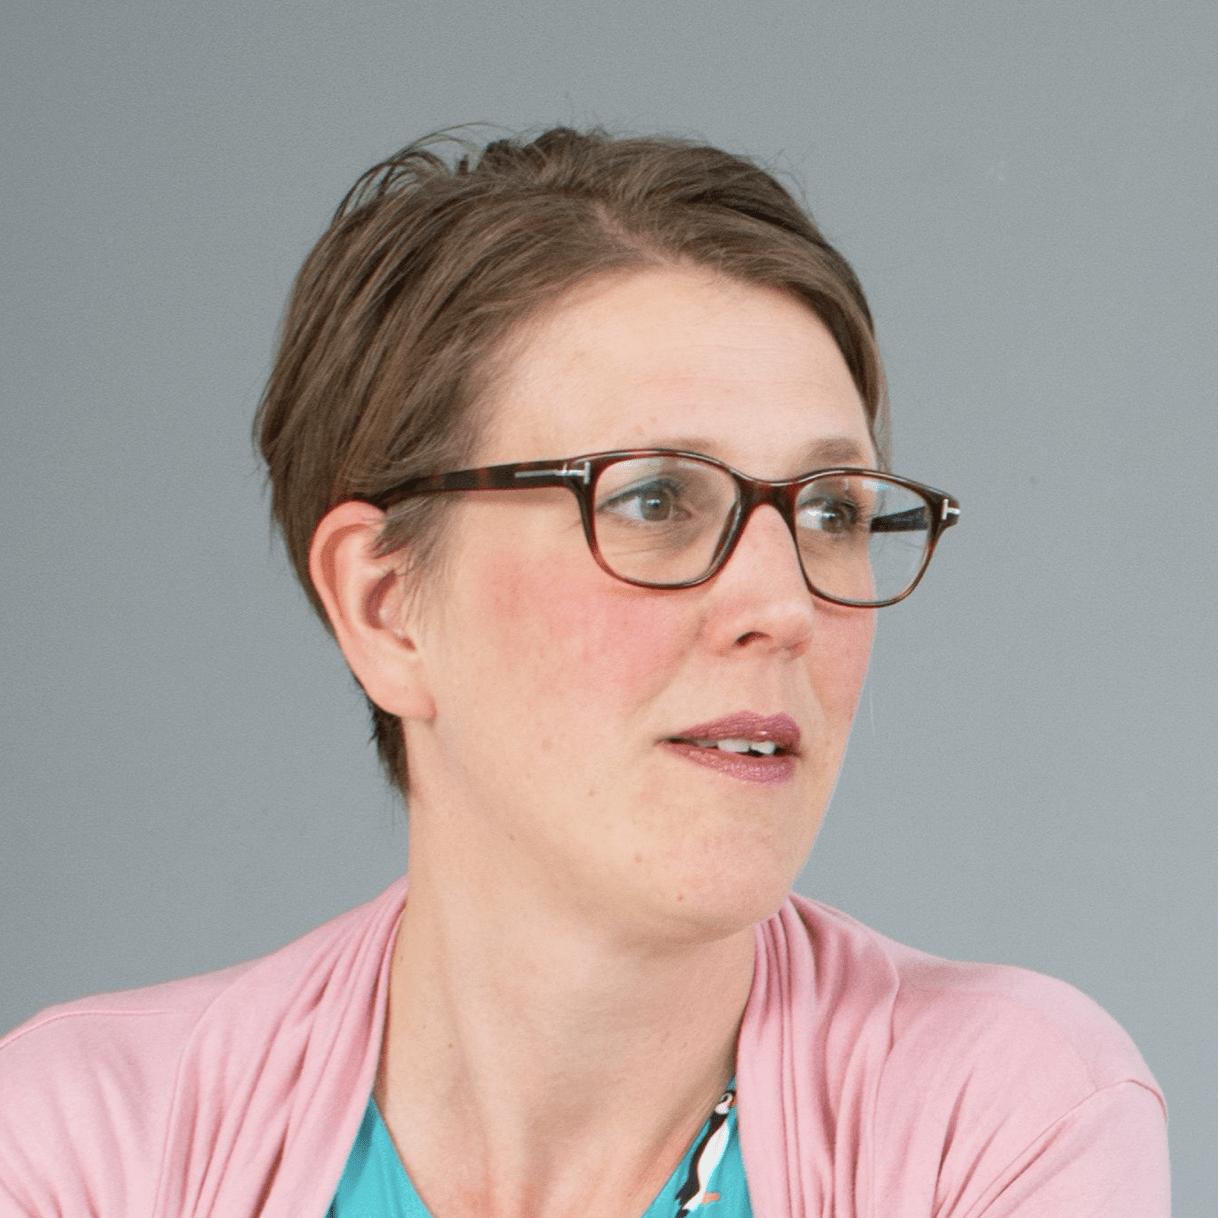 Annemiek Verbeek